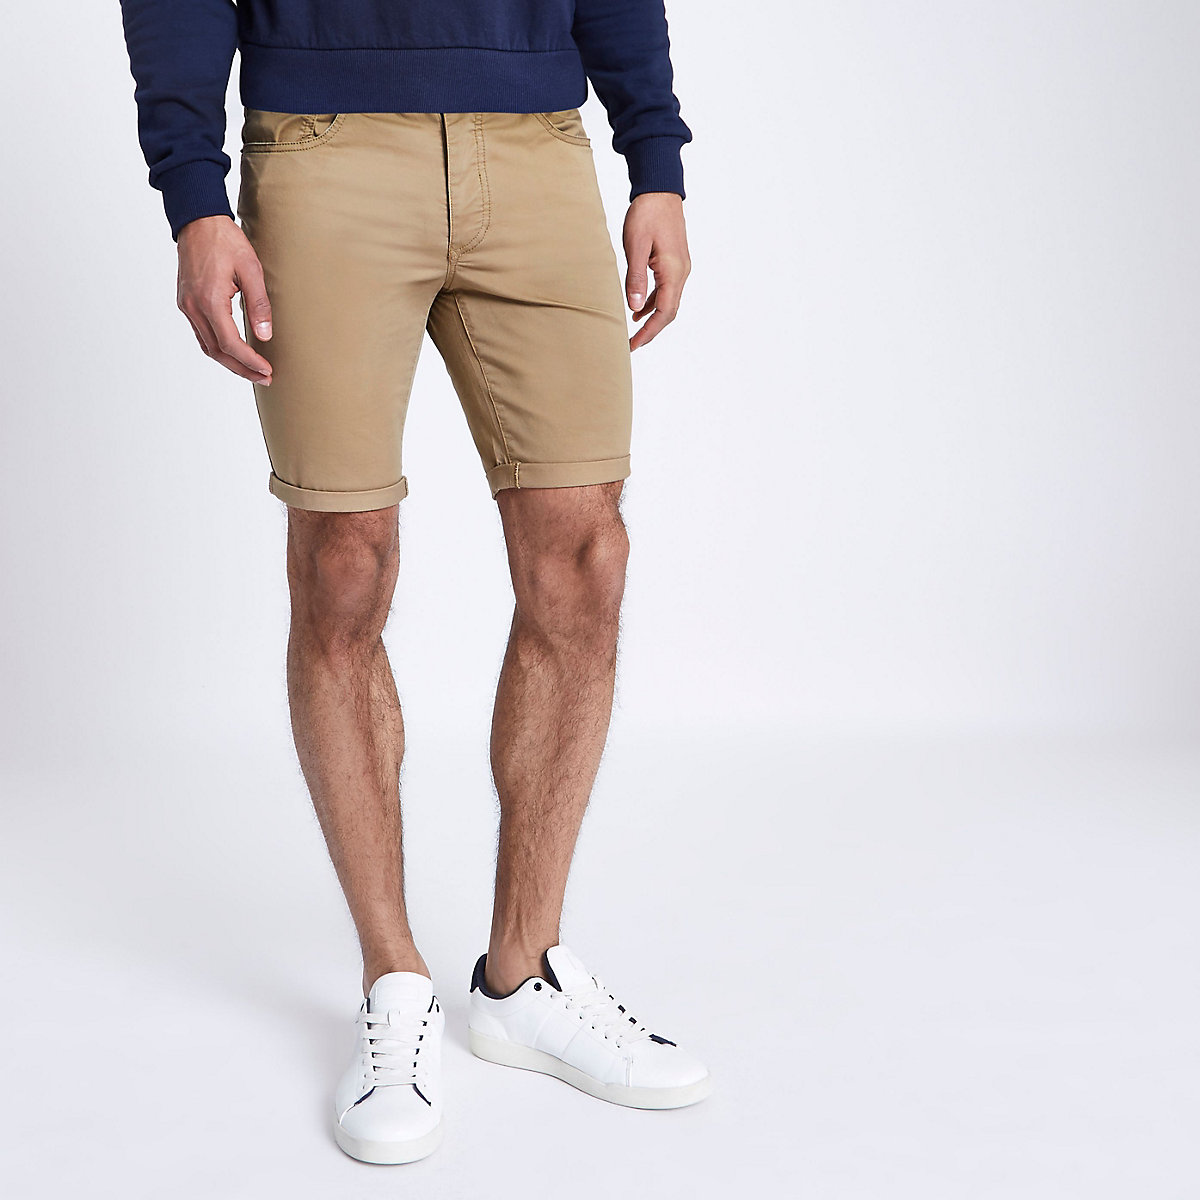 Bruine skinny-fit chino short